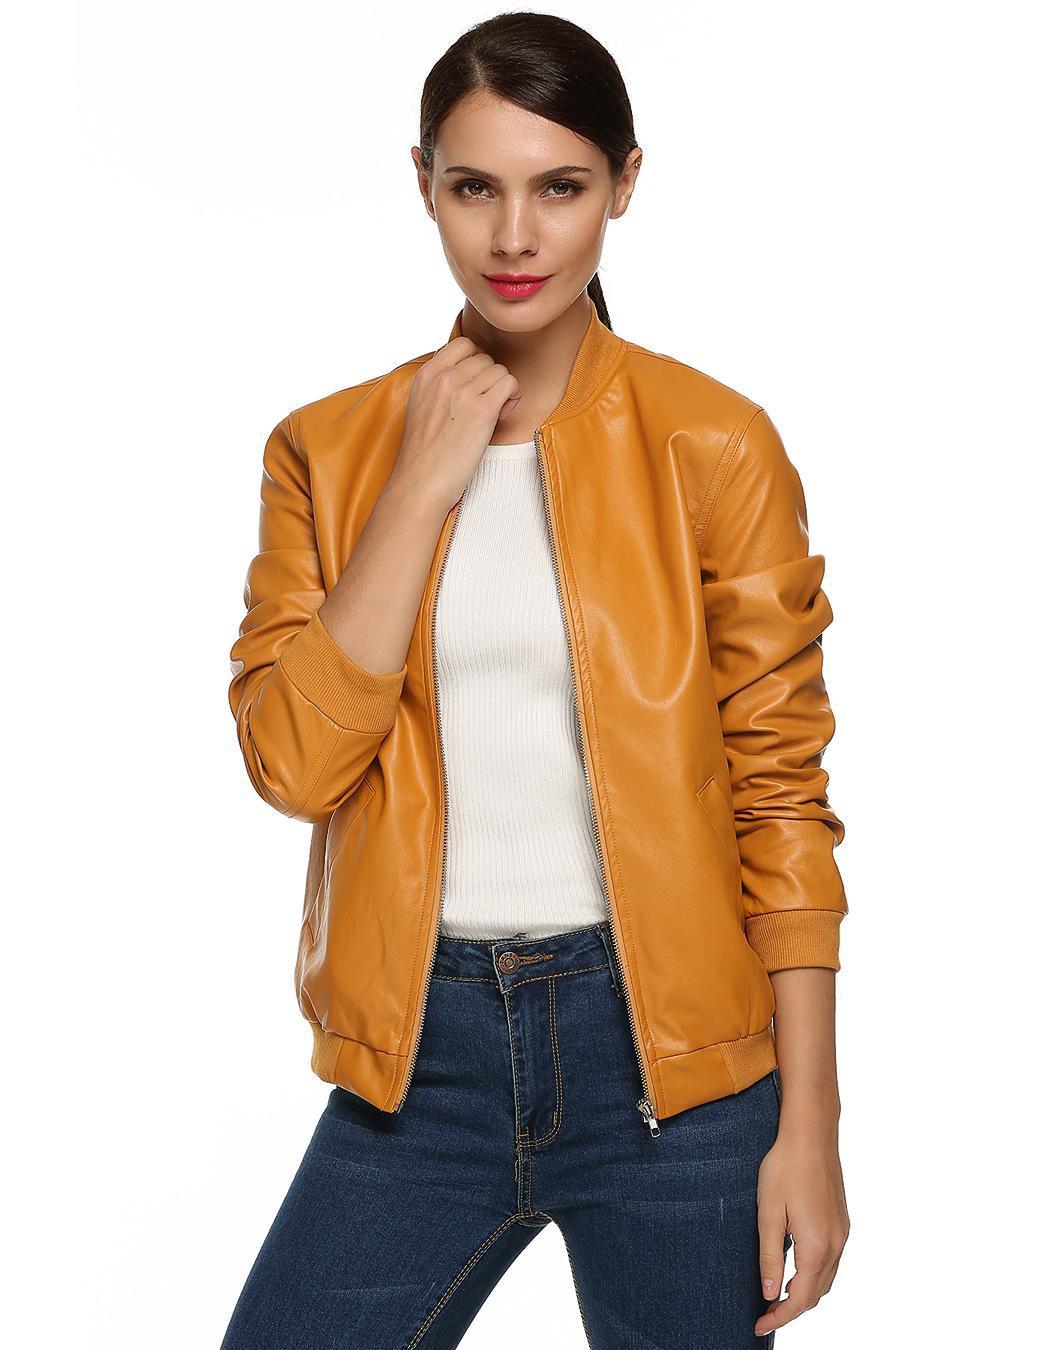 Women Casual Zipper Synthetic Leather Biker Jacket Coat 2